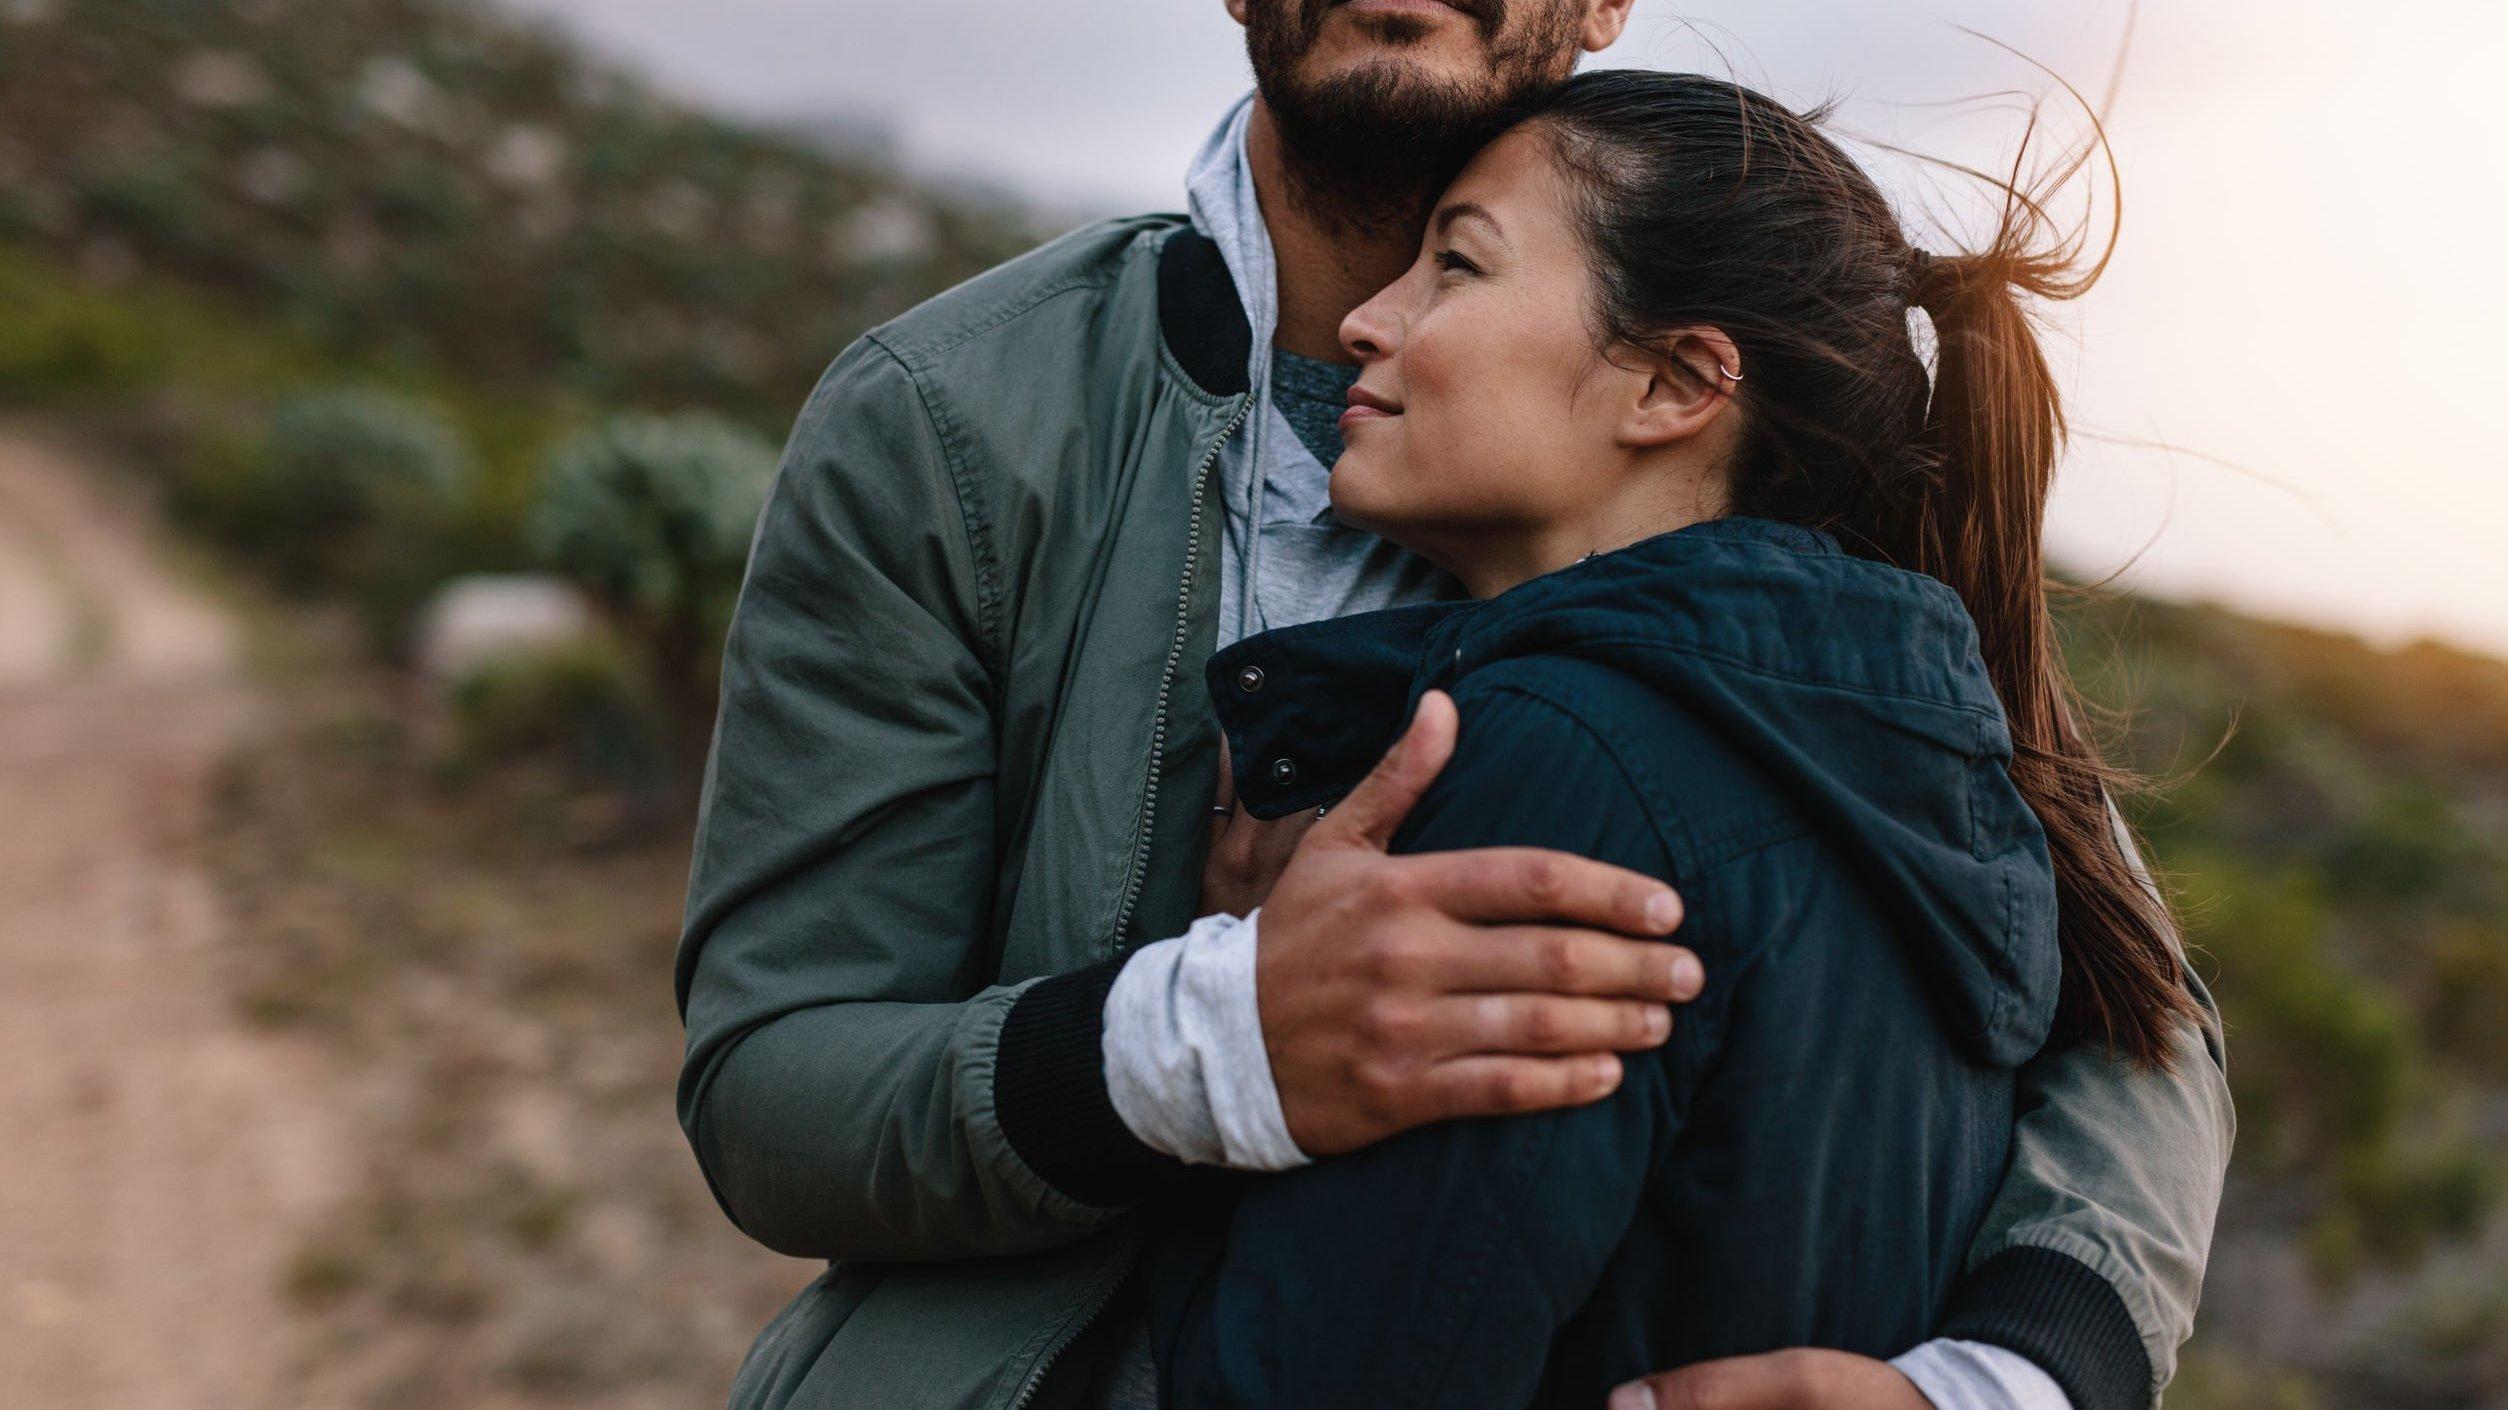 Casal de homem  e mulher abraçados